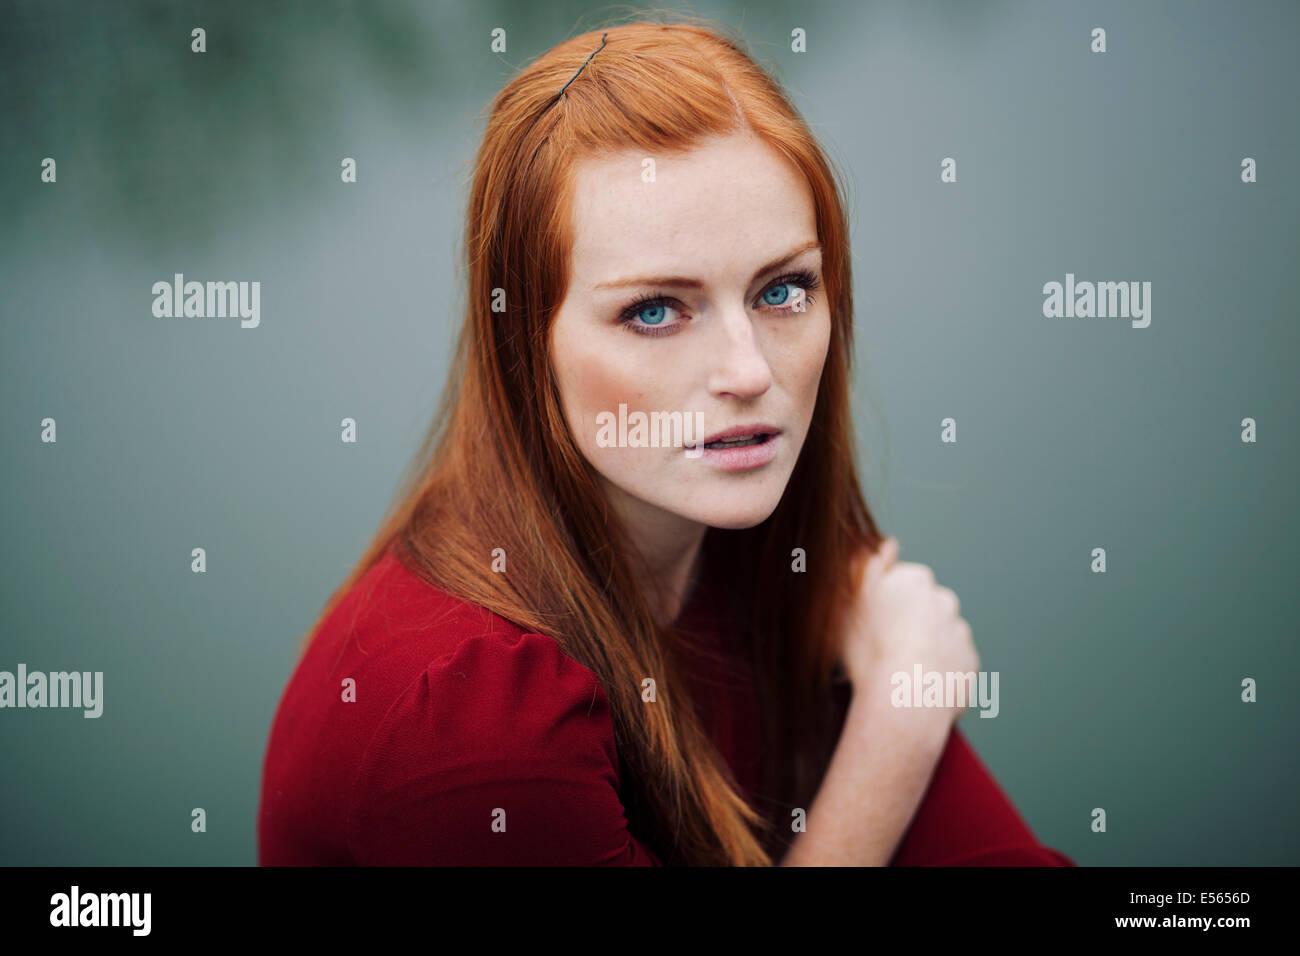 Ritratto di giovane donna che guarda la fotocamera Immagini Stock